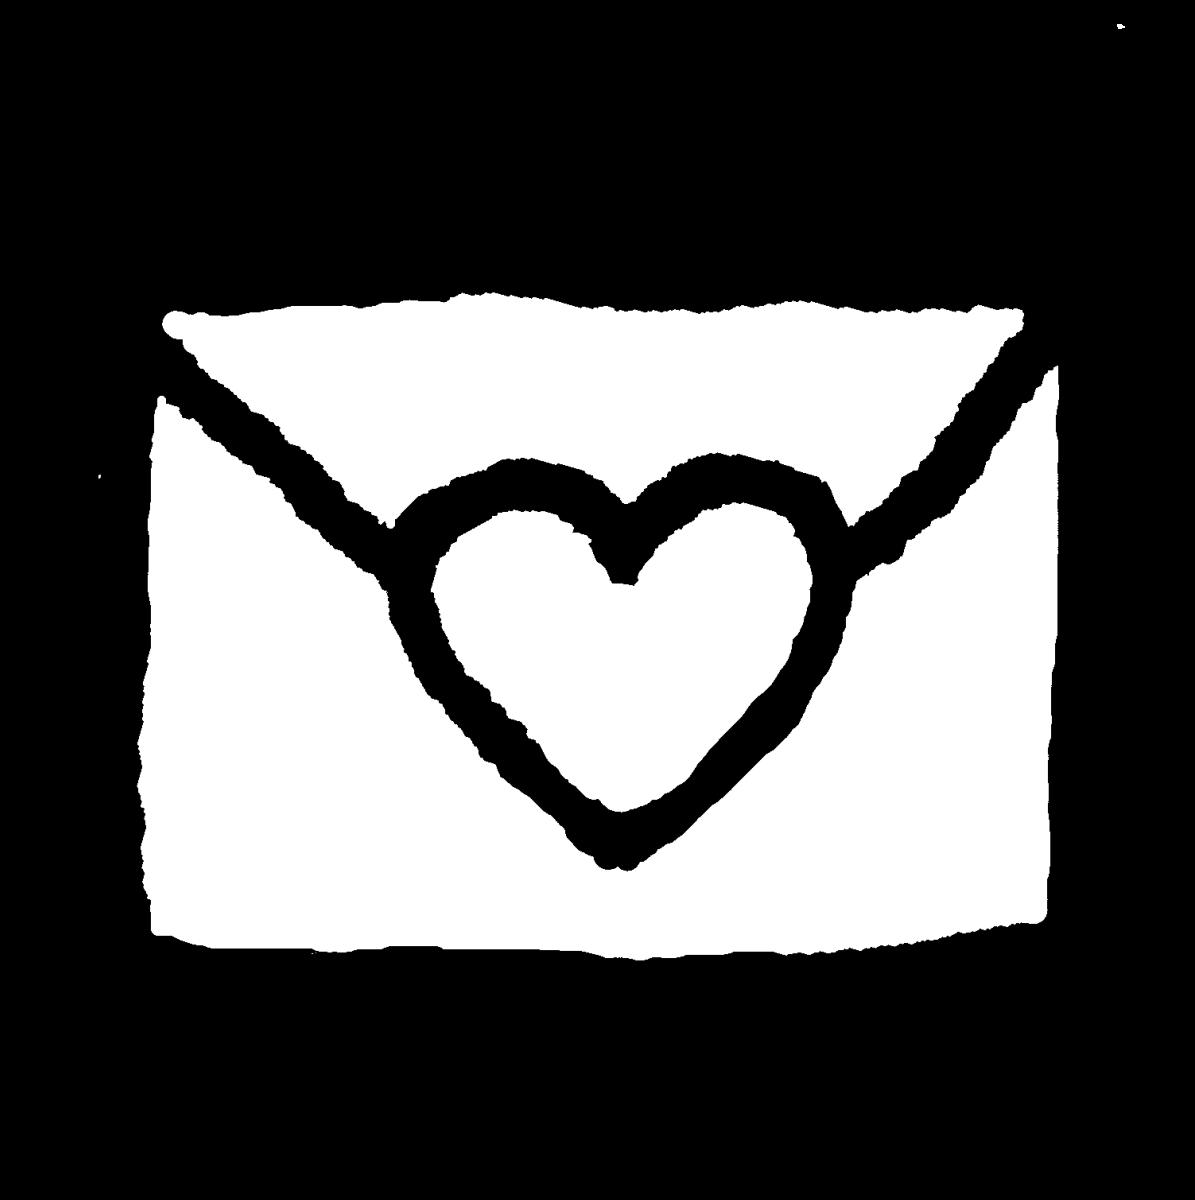 ハートのついた手紙封筒のイラスト / Letter envelope with a heart Illustration